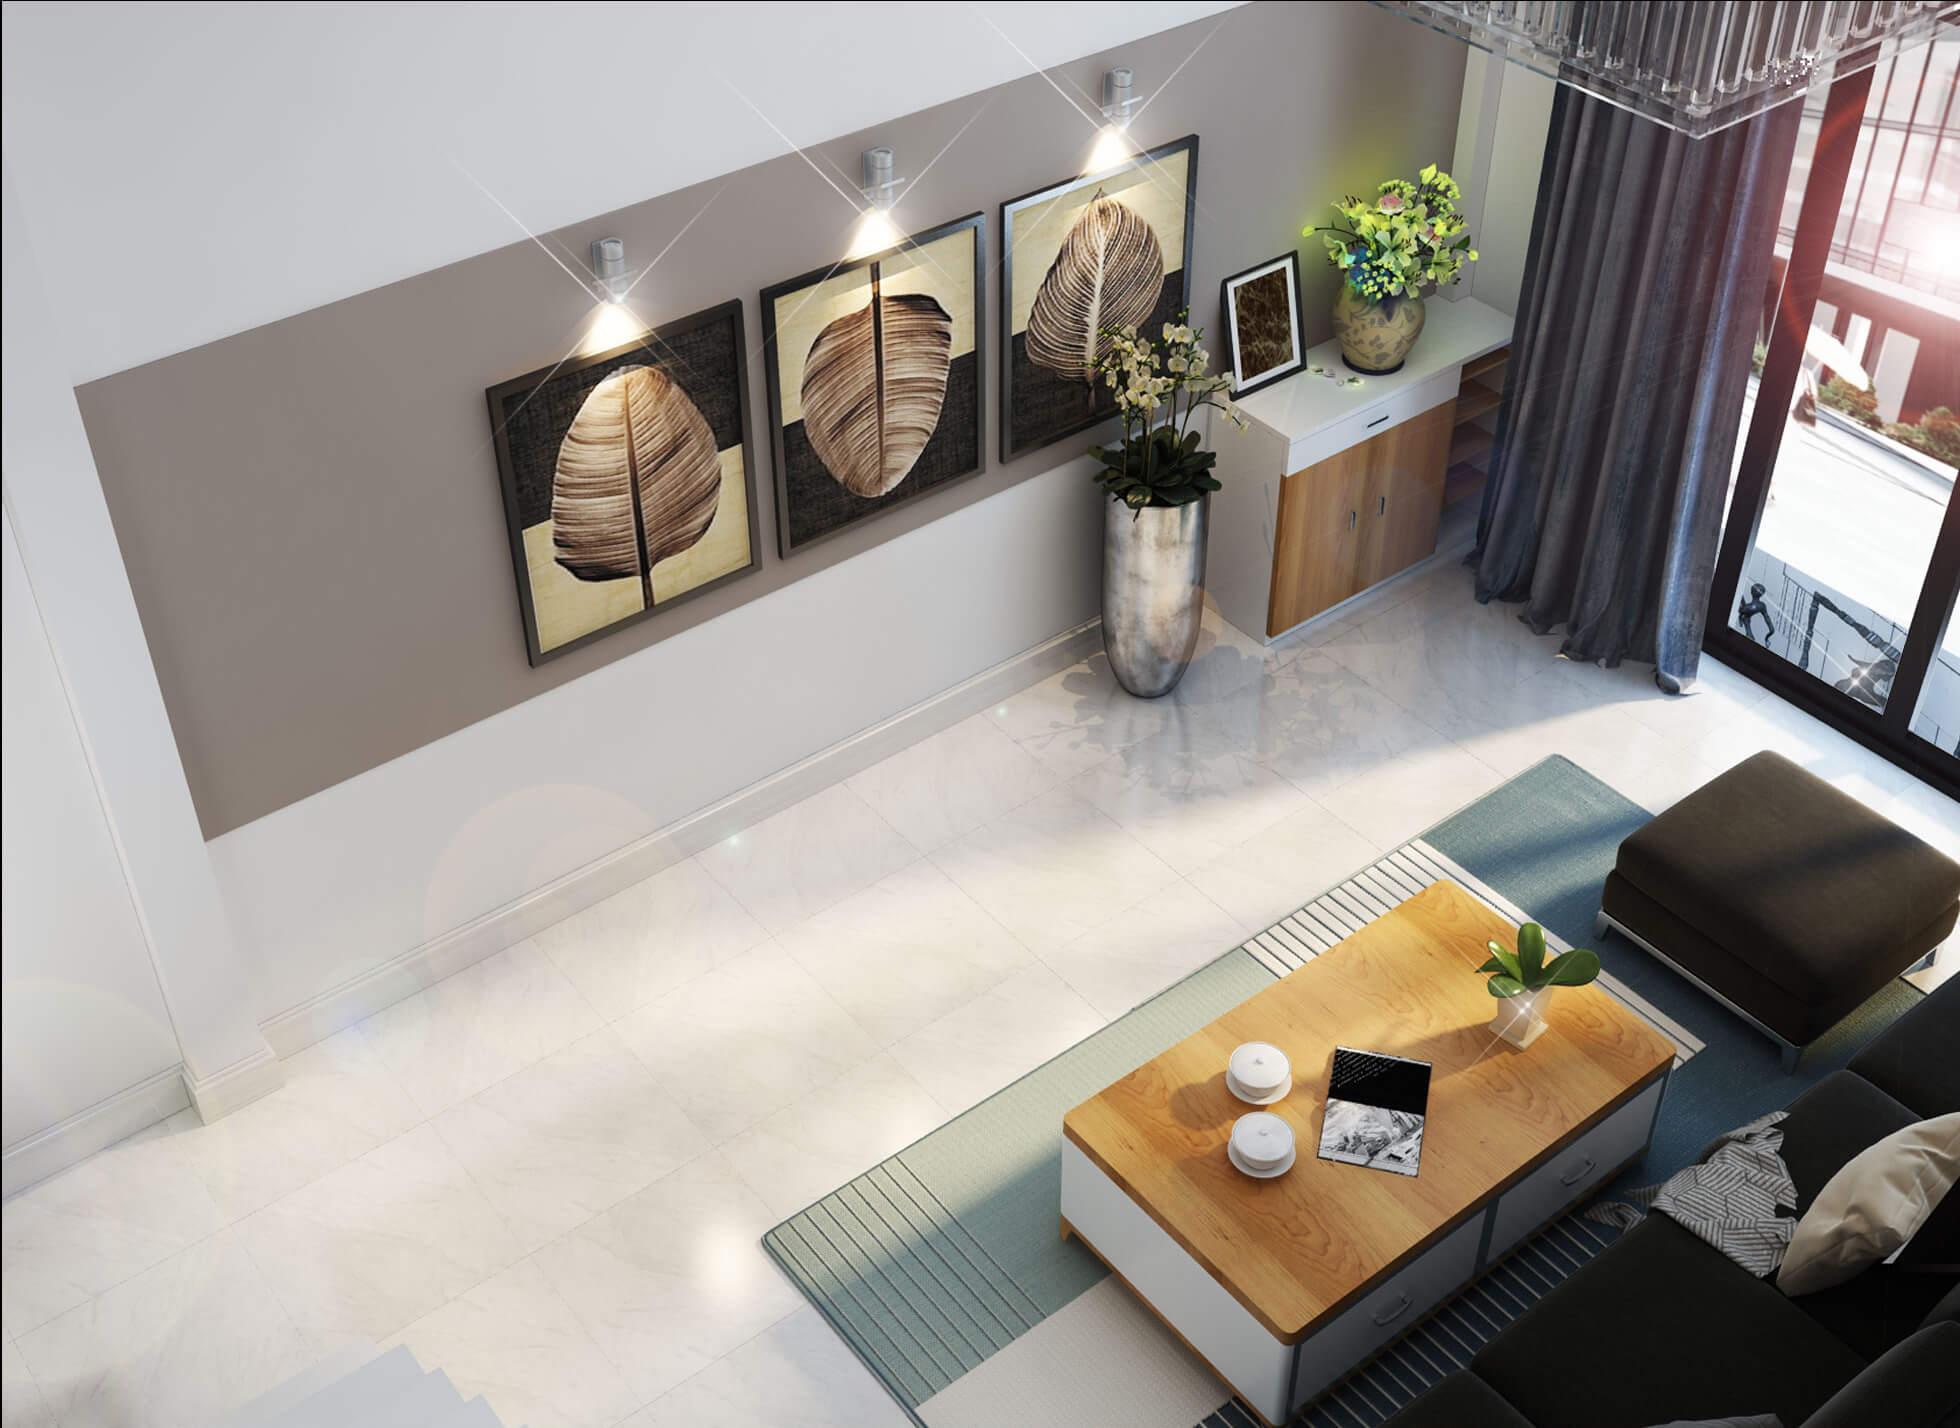 Sử dụng các bức trang treo tường làm điểm nhấn, vừa tạo nét nghệ thuật nơi phòng khách